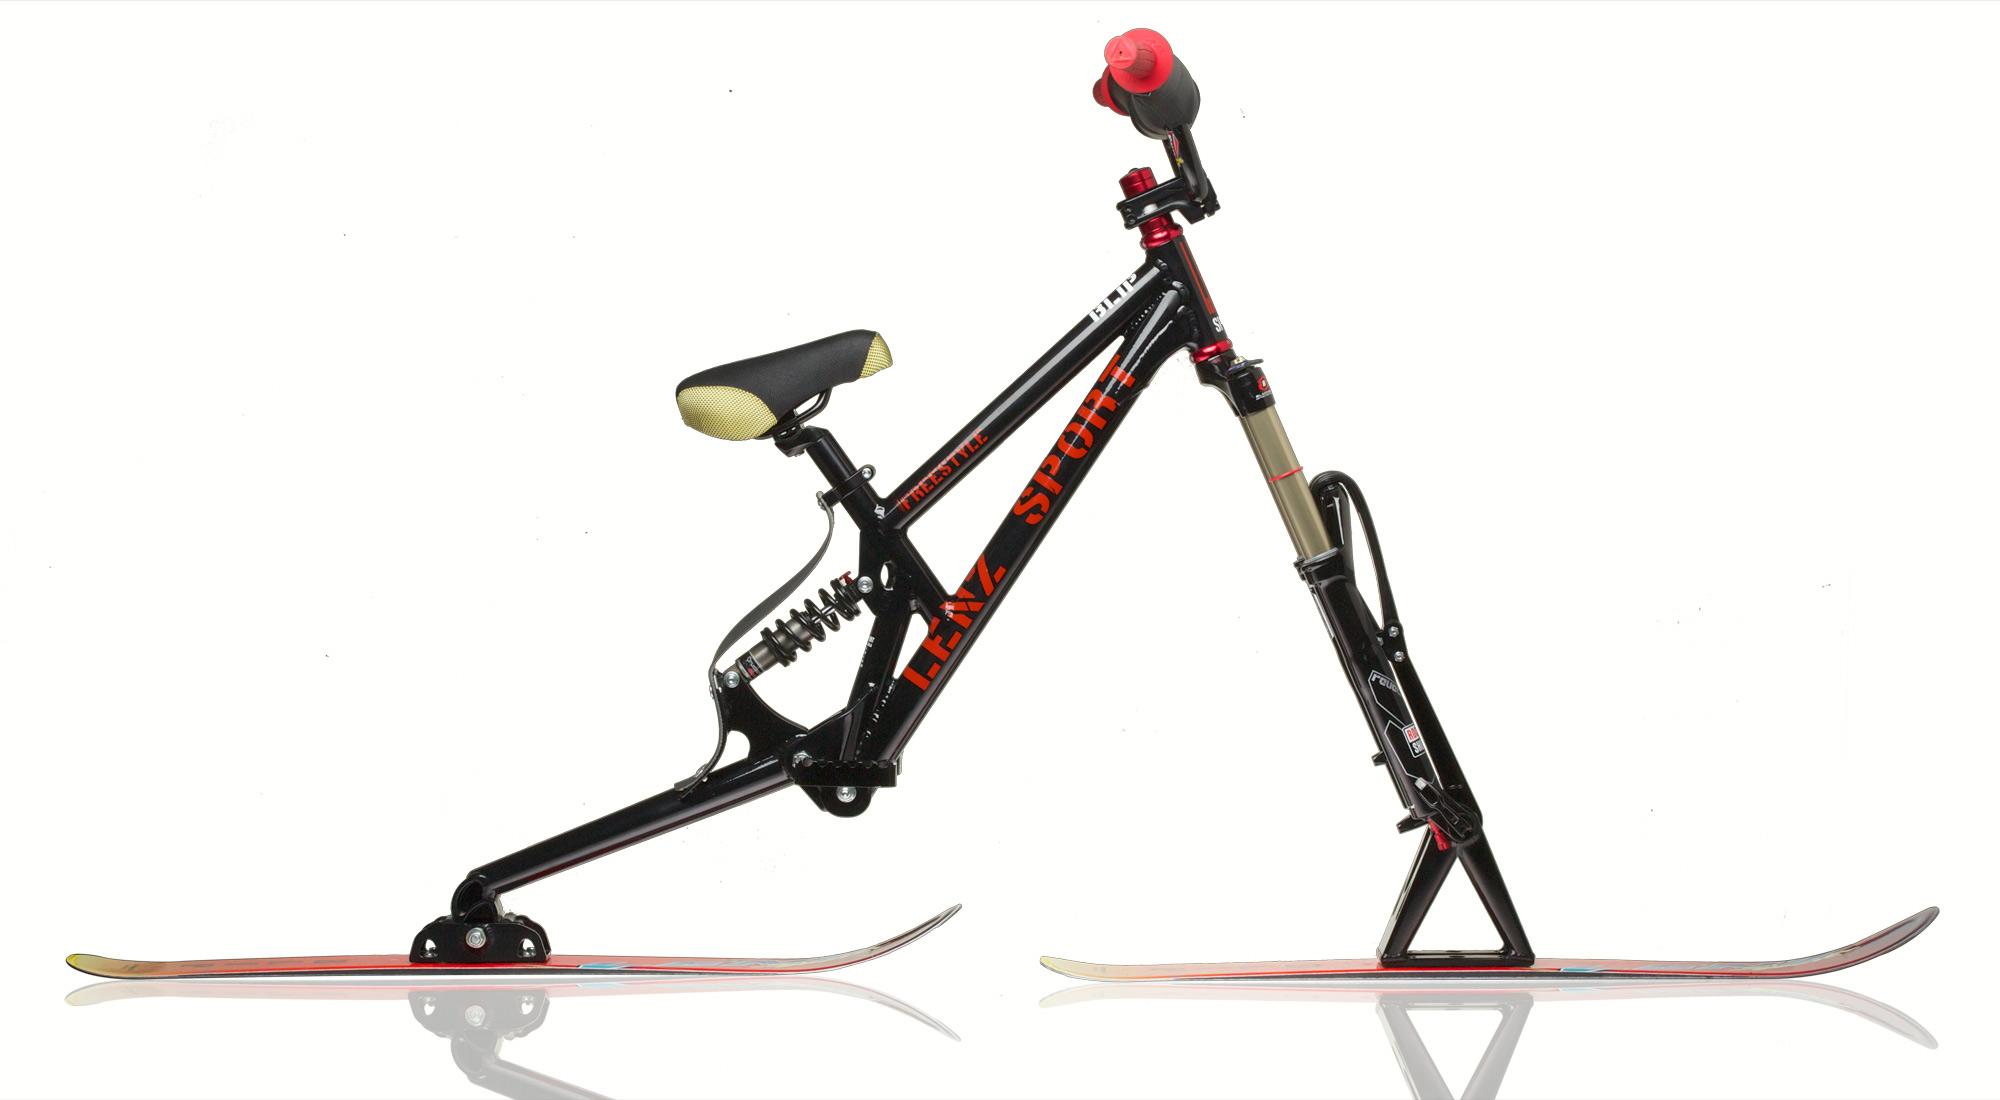 Blip-black-red-2000px